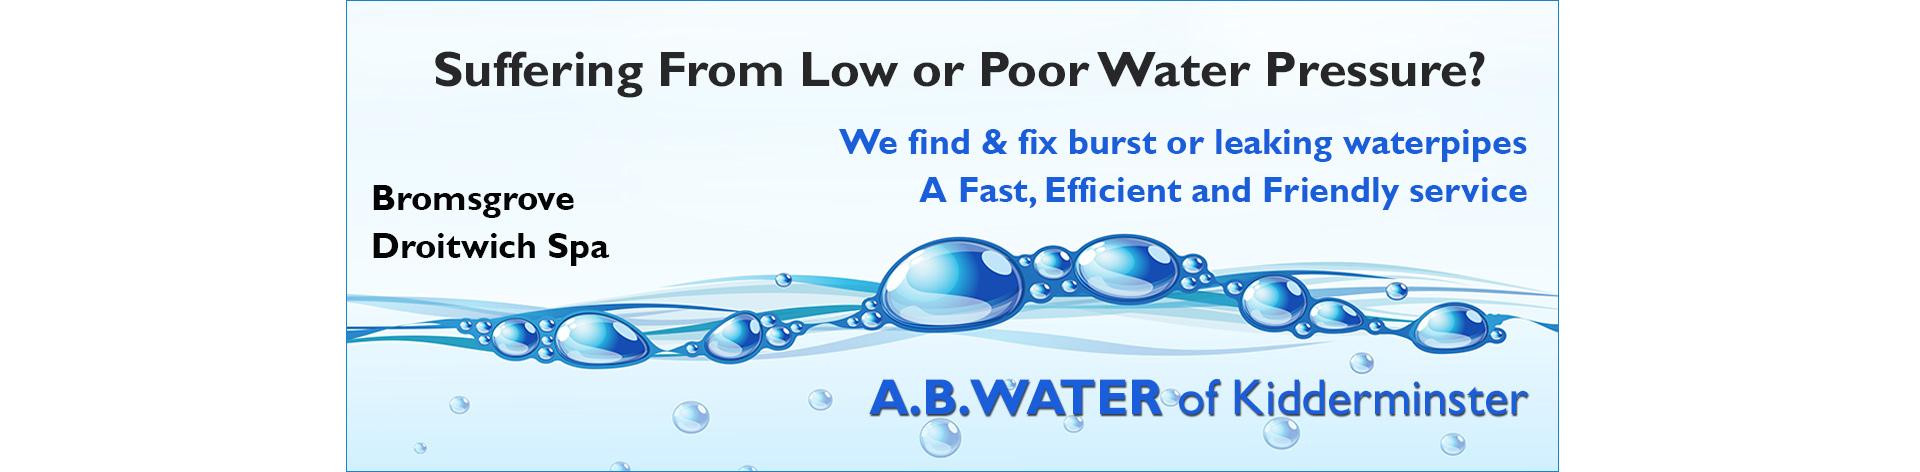 poor-water-pressure-bromsgrove